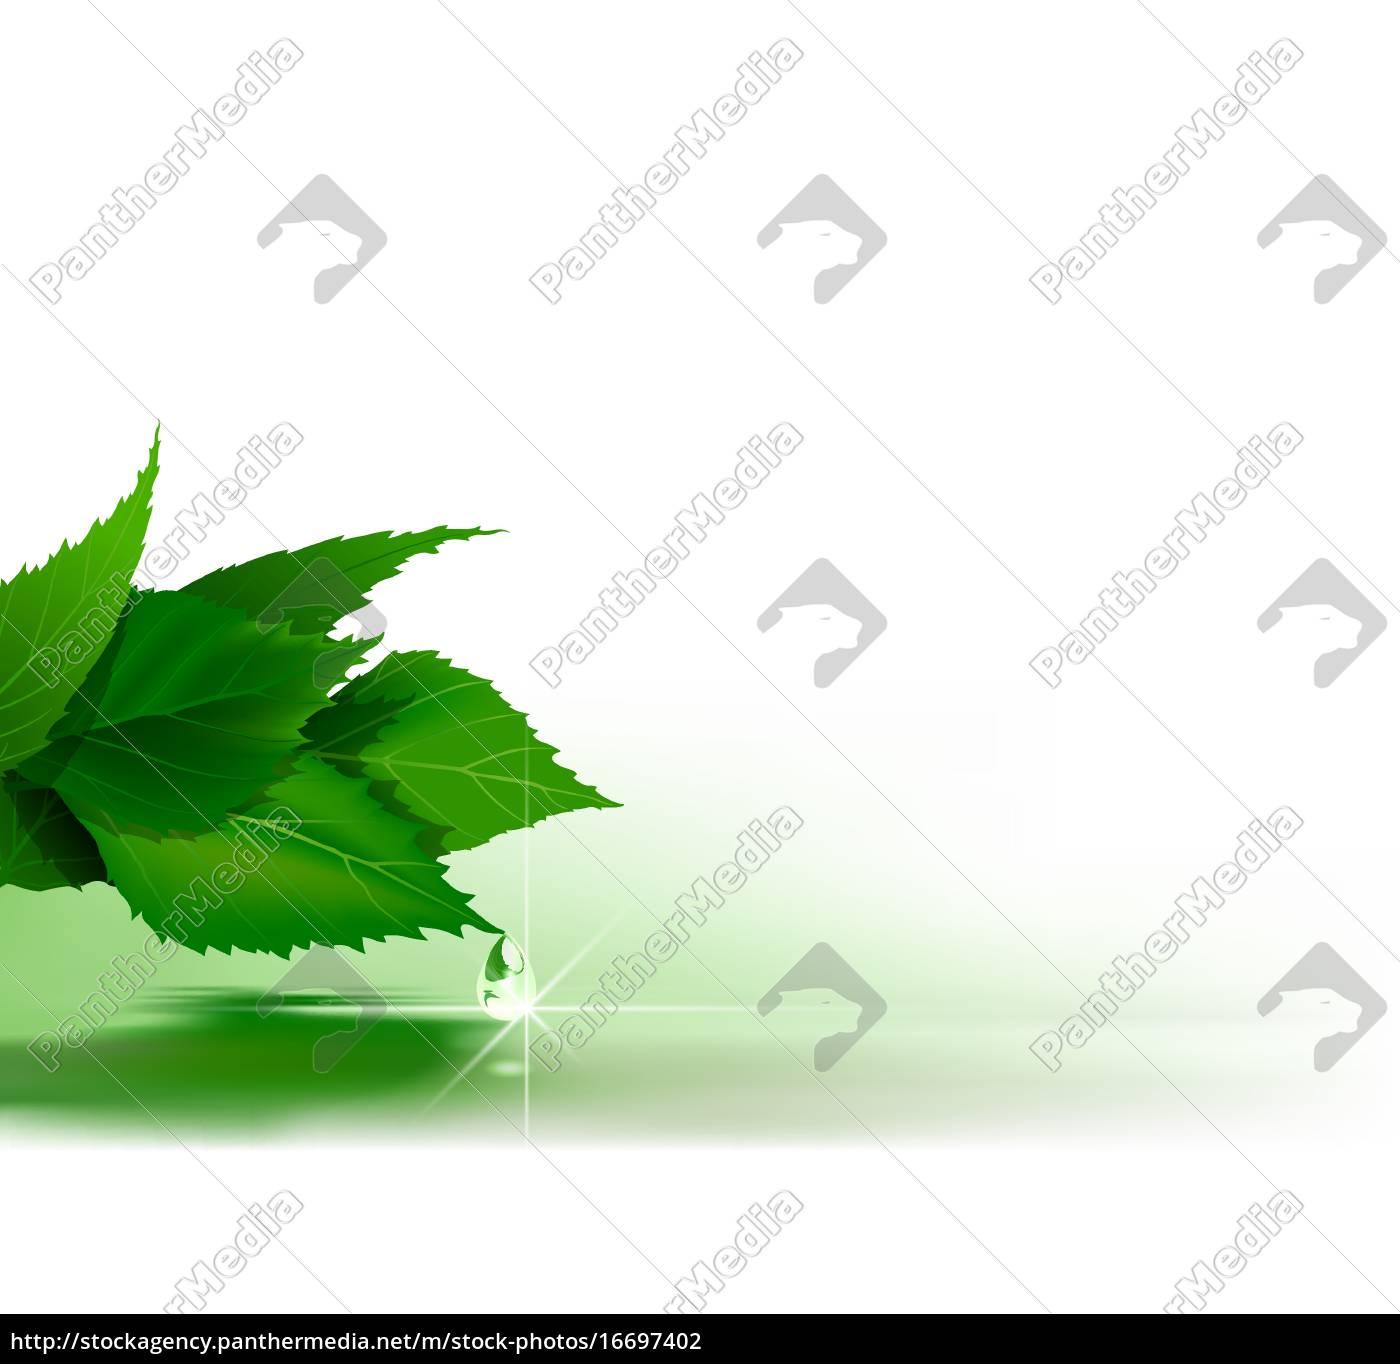 grüne, blätter, über, wasseroberfläche - 16697402